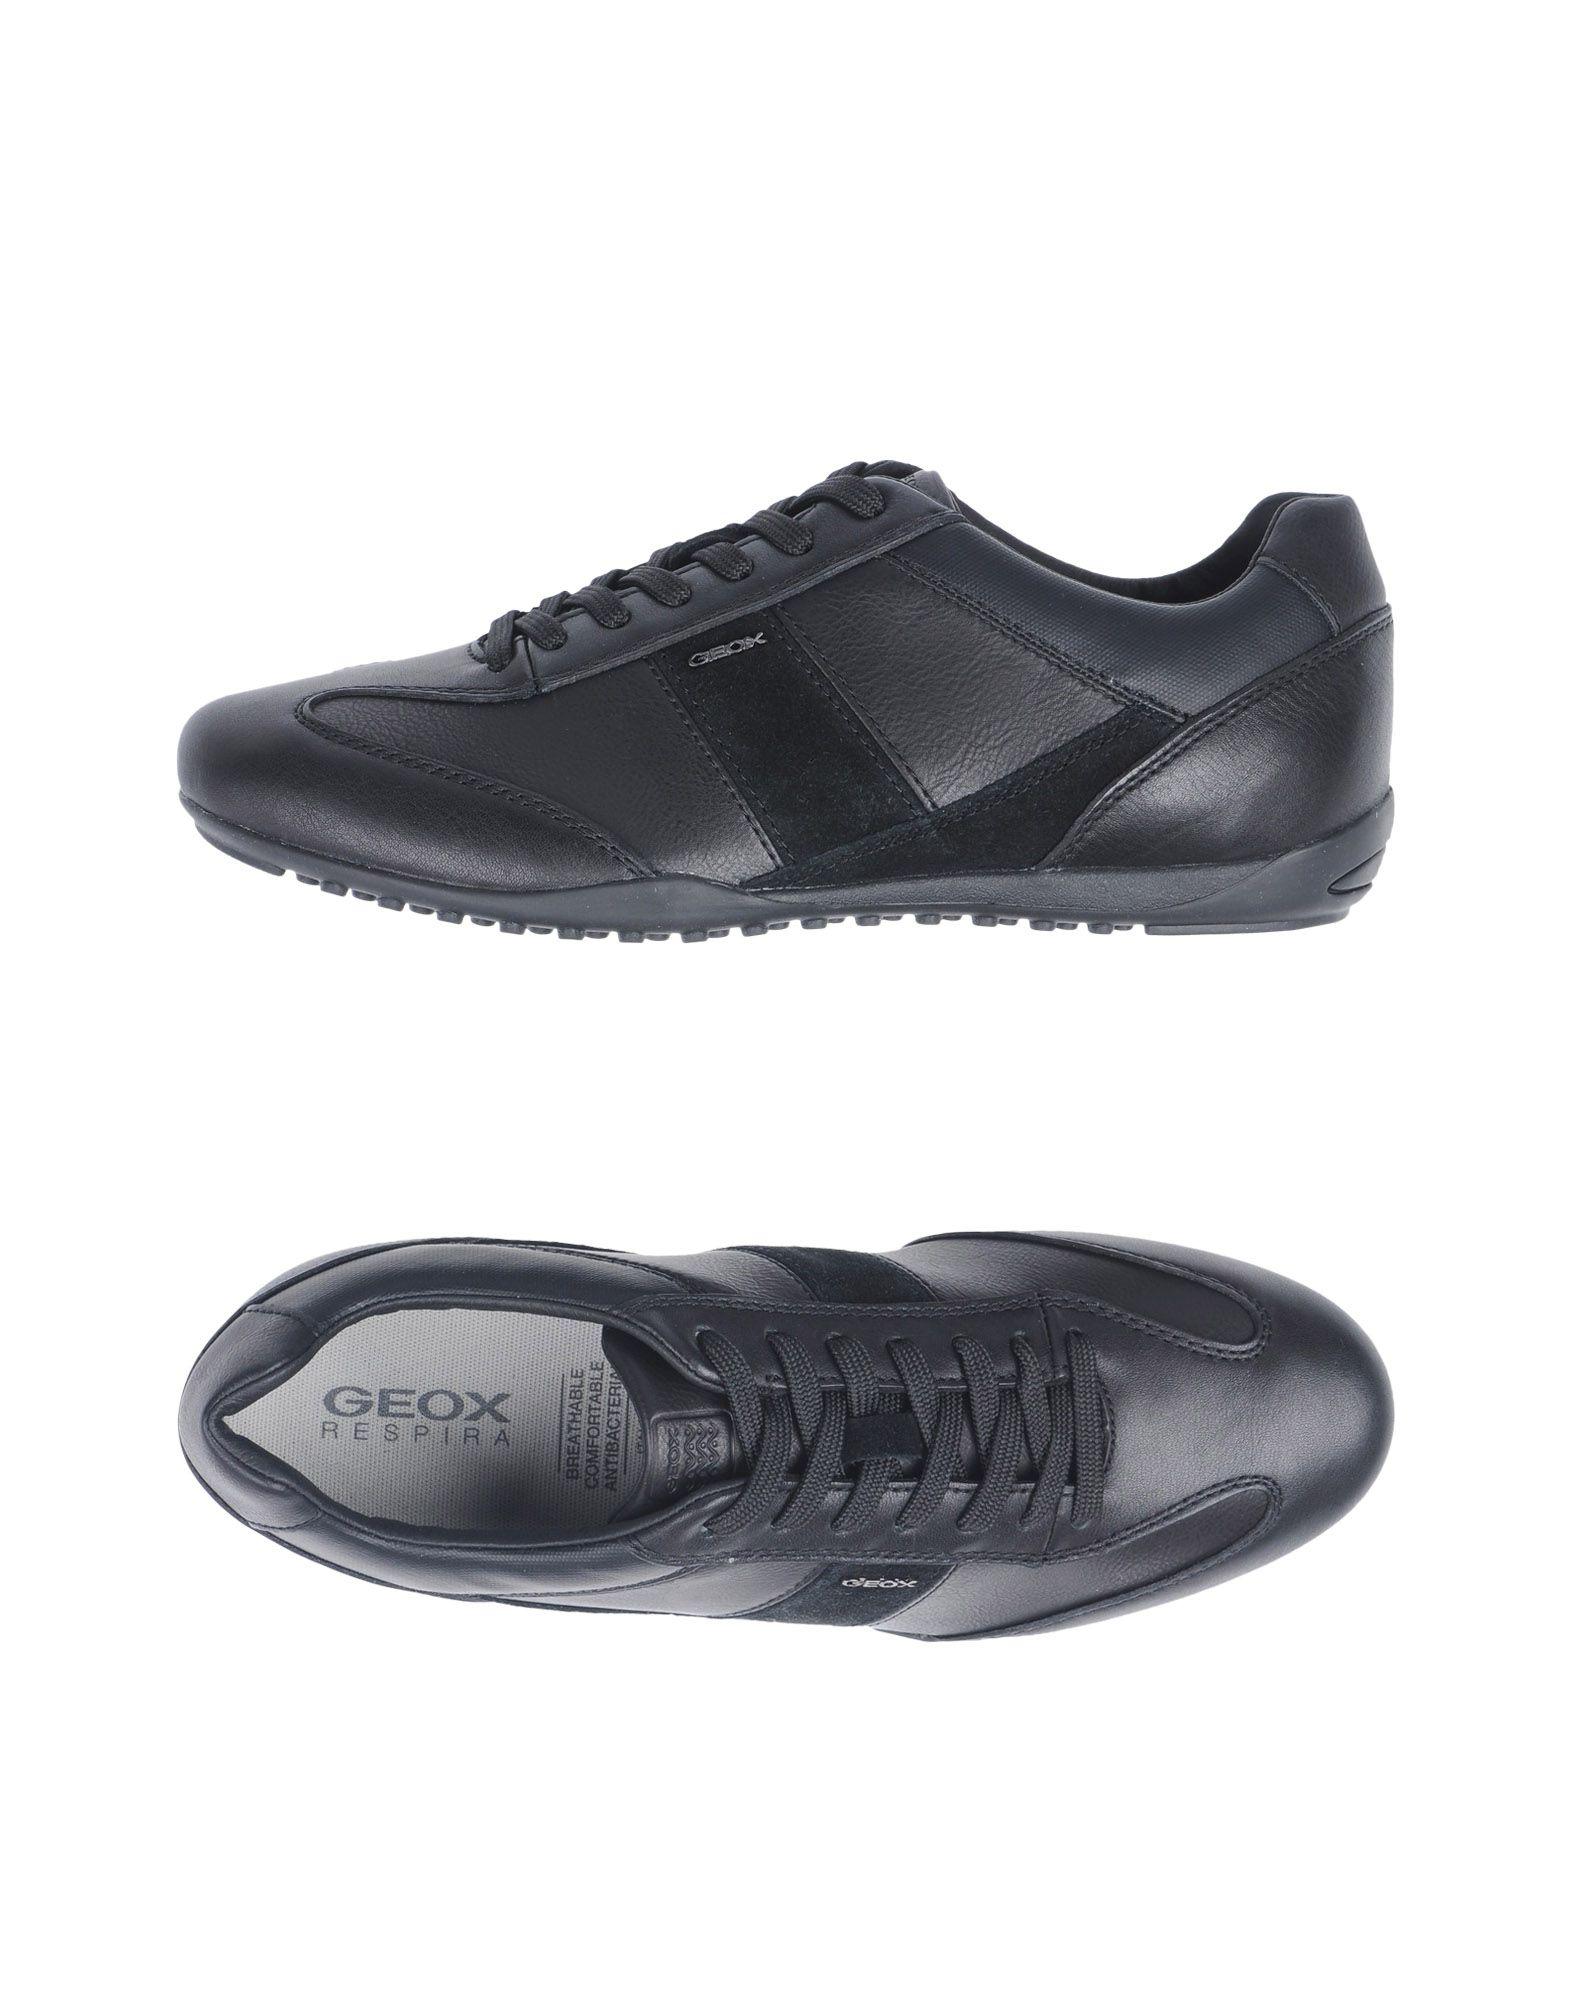 Rabatt echte Schuhe Geox Sneakers Herren  11344819SO